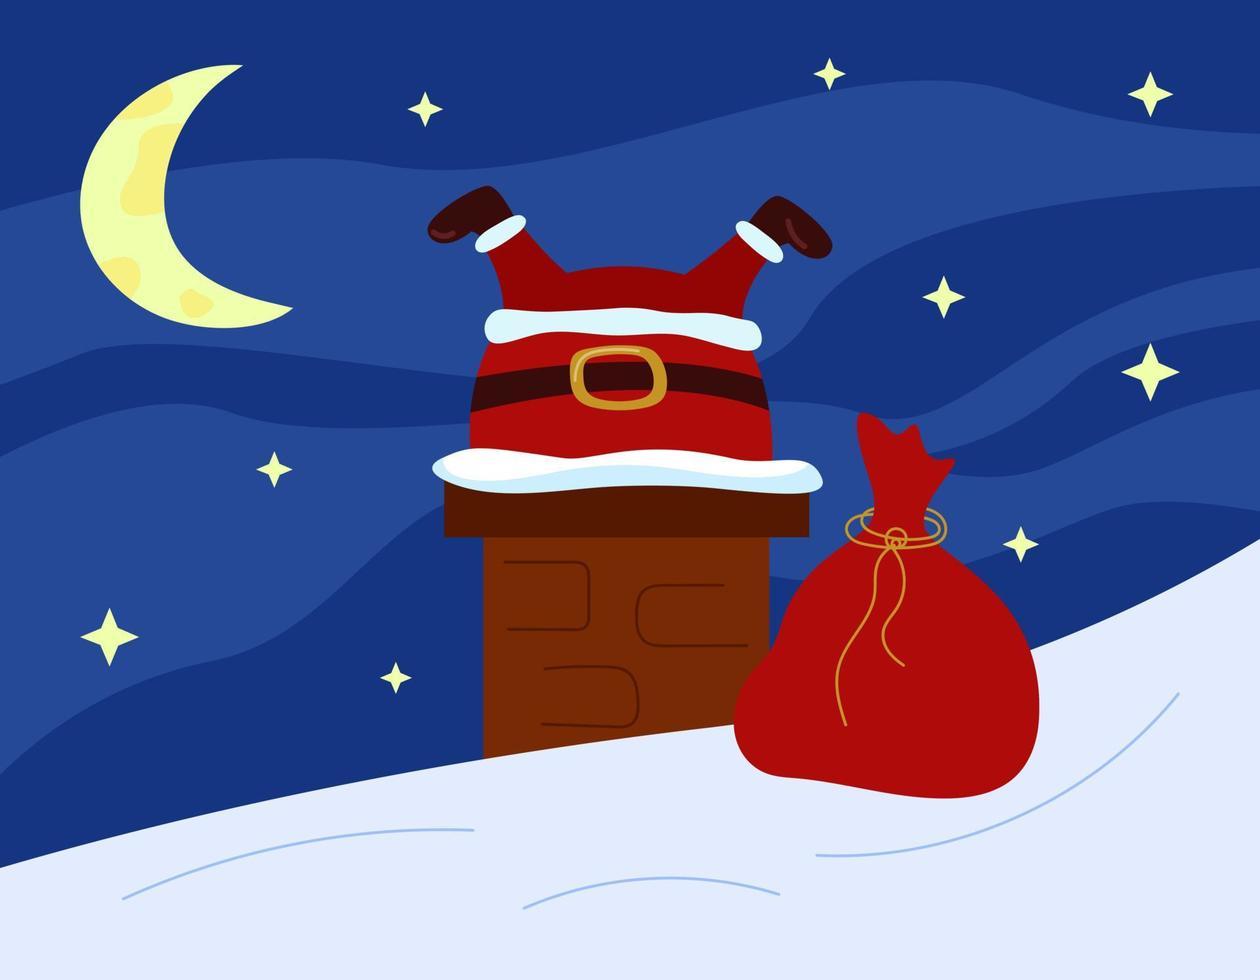 Papai Noel preso na chaminé no telhado. cartão do humor engraçado do Natal. céu estrelado e lua como pano de fundo. ilustração vetorial vetor